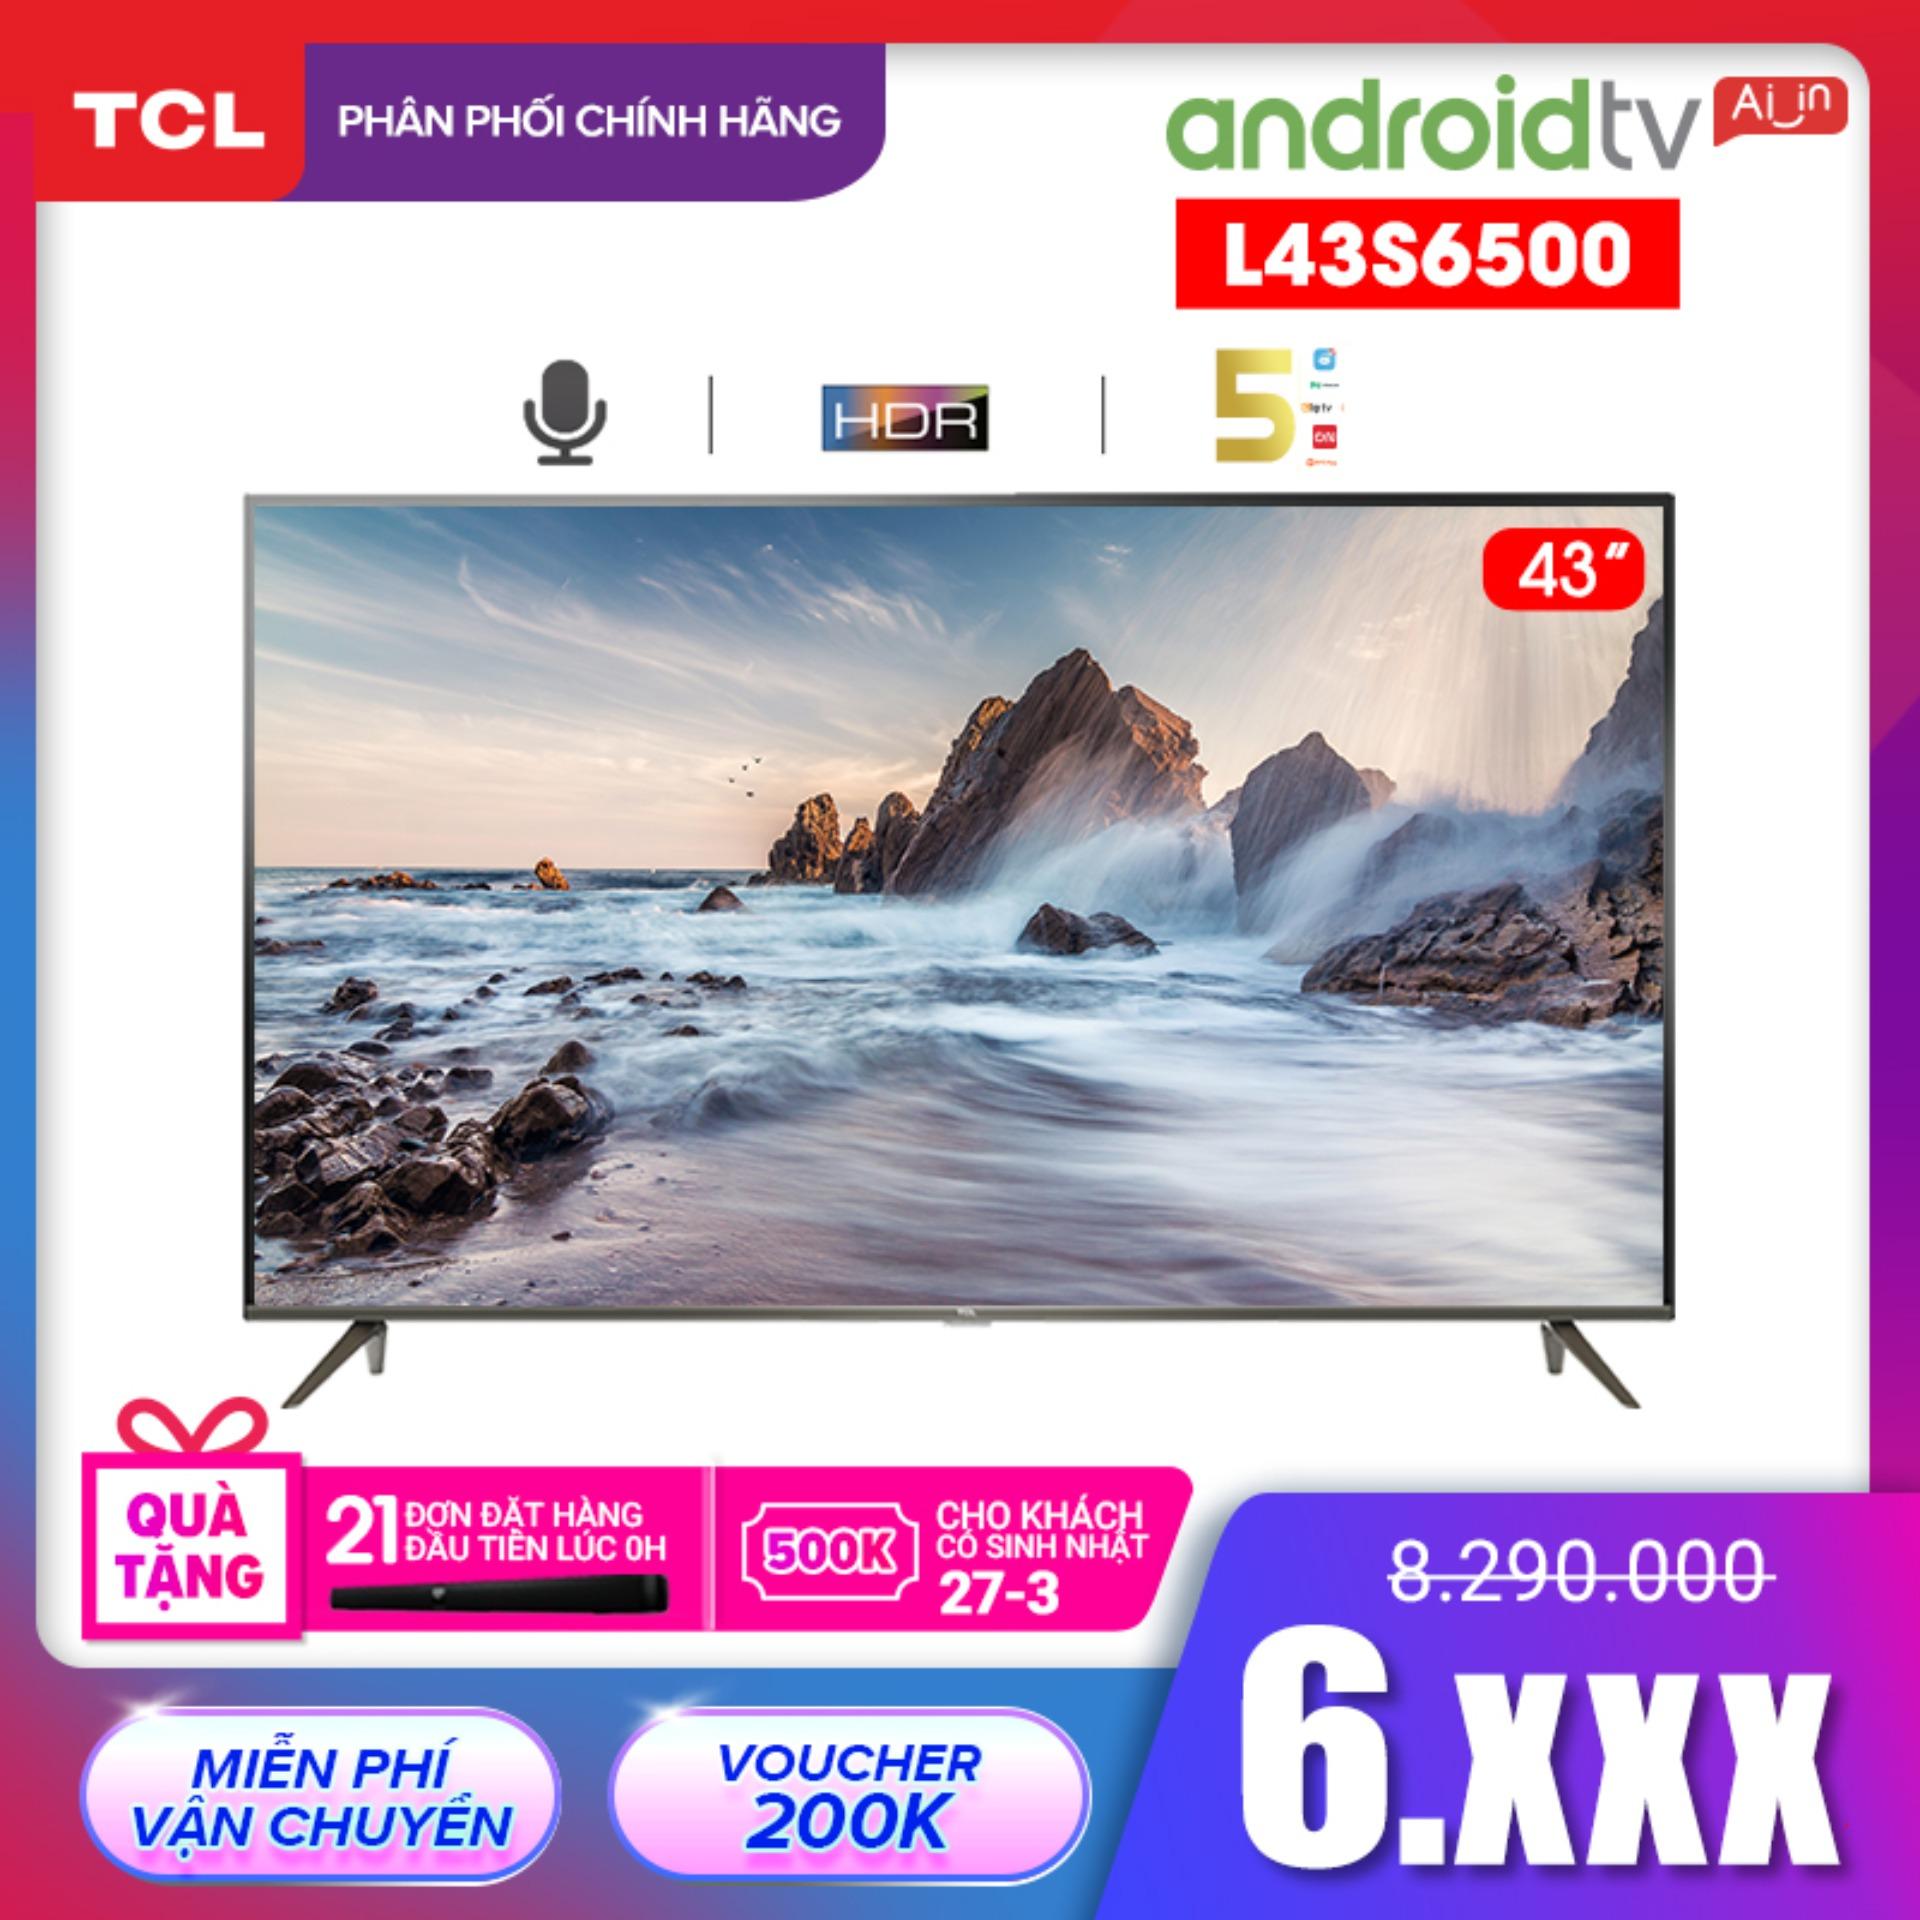 Bảng giá Smart TV TCL Android 8.0 43 inch Full HD wifi AI Tivi - L43S6500 - HDR, Micro Dimming, Dolby, Chromecast, T-cast, AI+IN - Tivi giá rẻ chất lượng - Bảo hành 3 năm Điện máy Pico